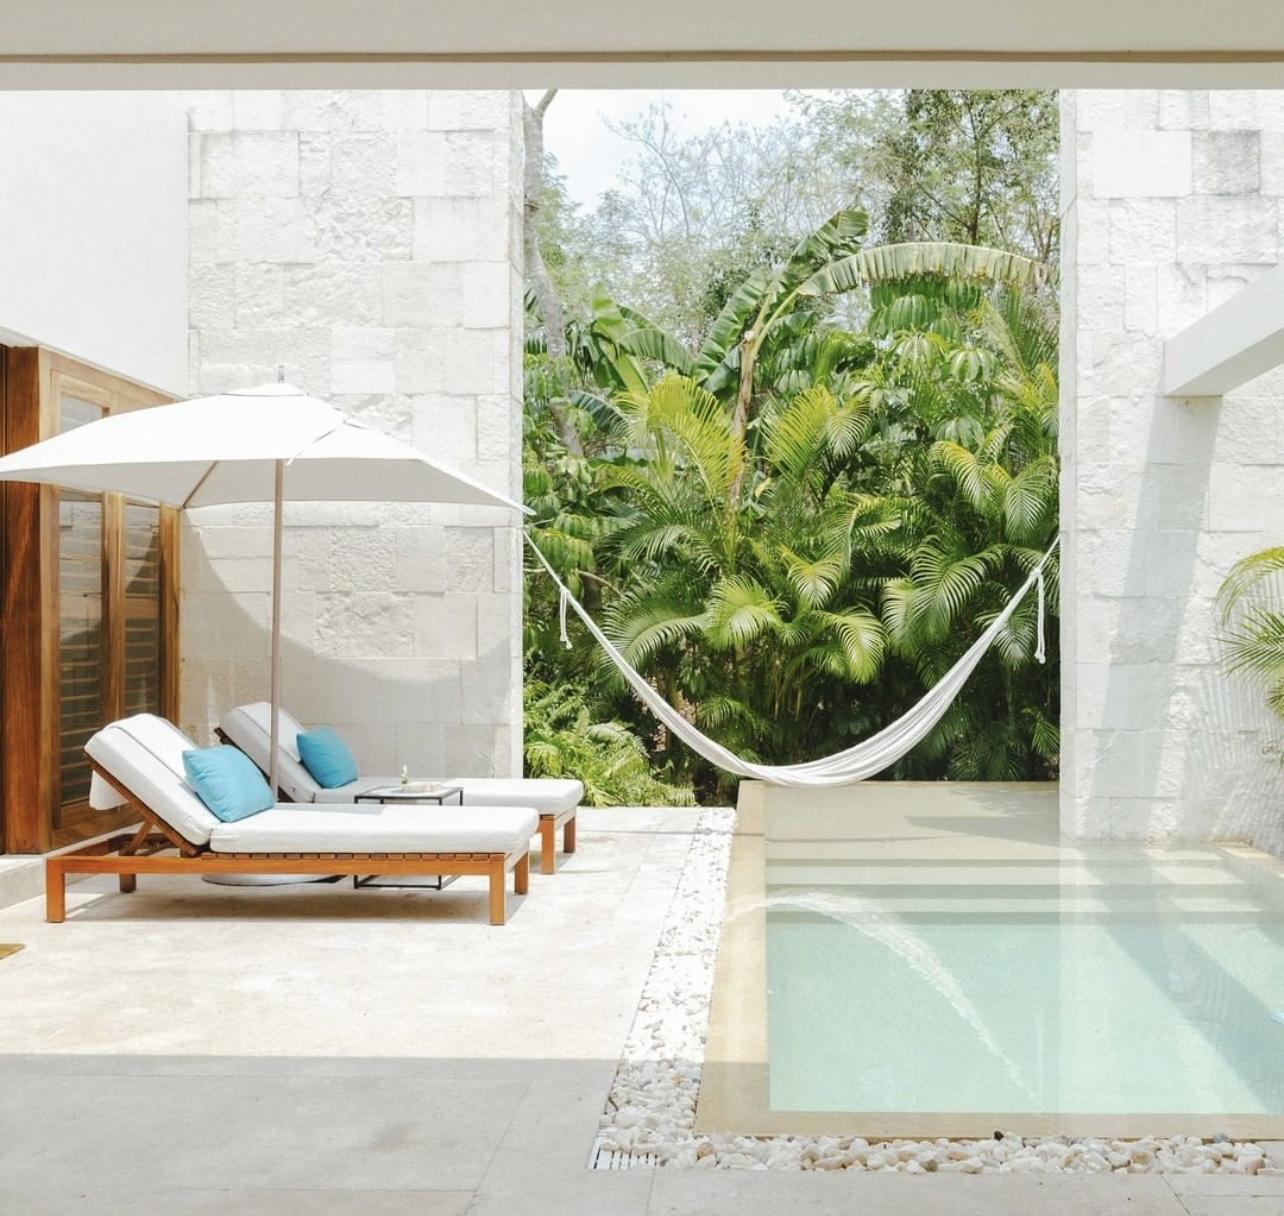 3 hoteles boutique en Mérida donde vivirás una experiencia incomparable